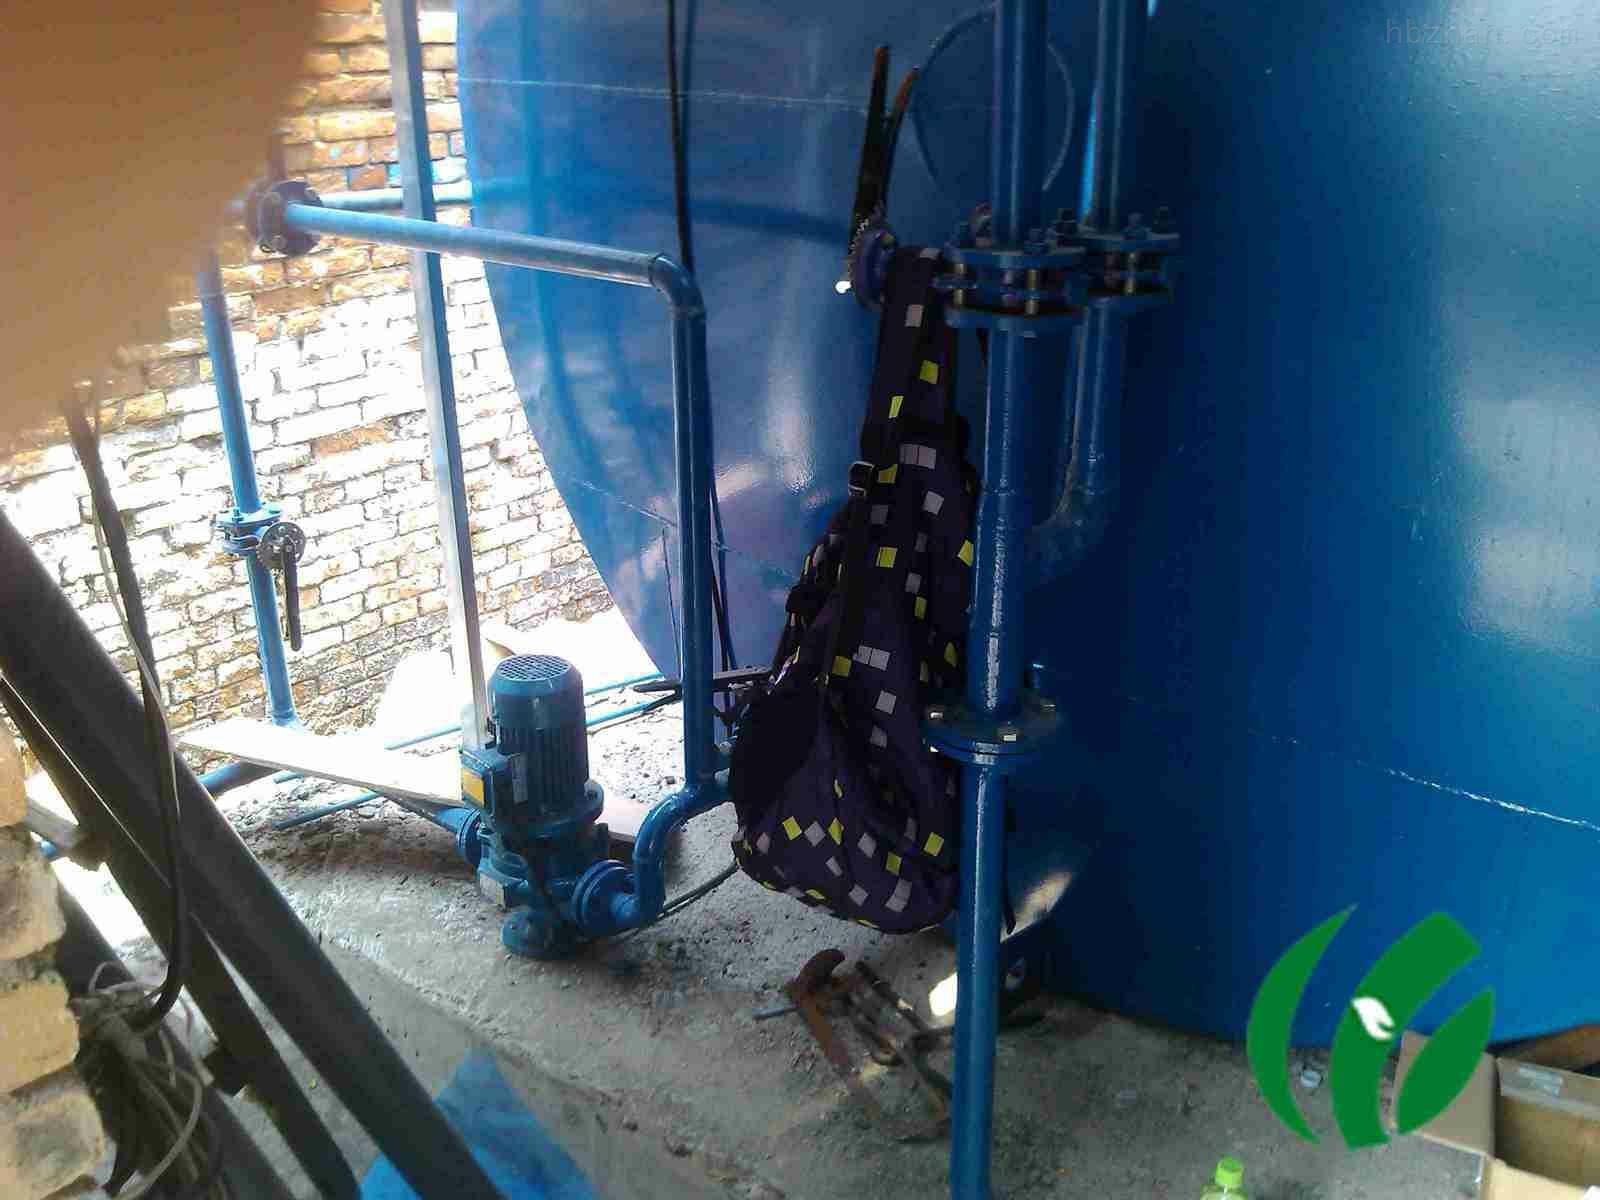 一、屠宰污水概述 屠宰污水主要来自:宰前饲养场排放的畜粪冲洗水;屠宰车间排放的含血污和畜粪的地面冲洗水;烫毛时排放的含大量猪毛的高温水;剖解车间排放的含肠胃内容物的污水;炼油车间排放的油脂污水等。此外,还有来自冷冻机房的冷却水和来自车间卫生设备、锅炉、办公楼等排放的生活污水。 屠宰污水含有大量的血污、毛皮、碎肉、内脏杂物、未消化的食物以及粪便等污染物,悬浮物浓度很高,水呈红褐色并有明显的腥臭味,是一种典型的有机污水。一般不含重金属及有毒化学物质,污水中富含蛋白质及油脂,含盐量也较高。屠宰污水属易于生物降解